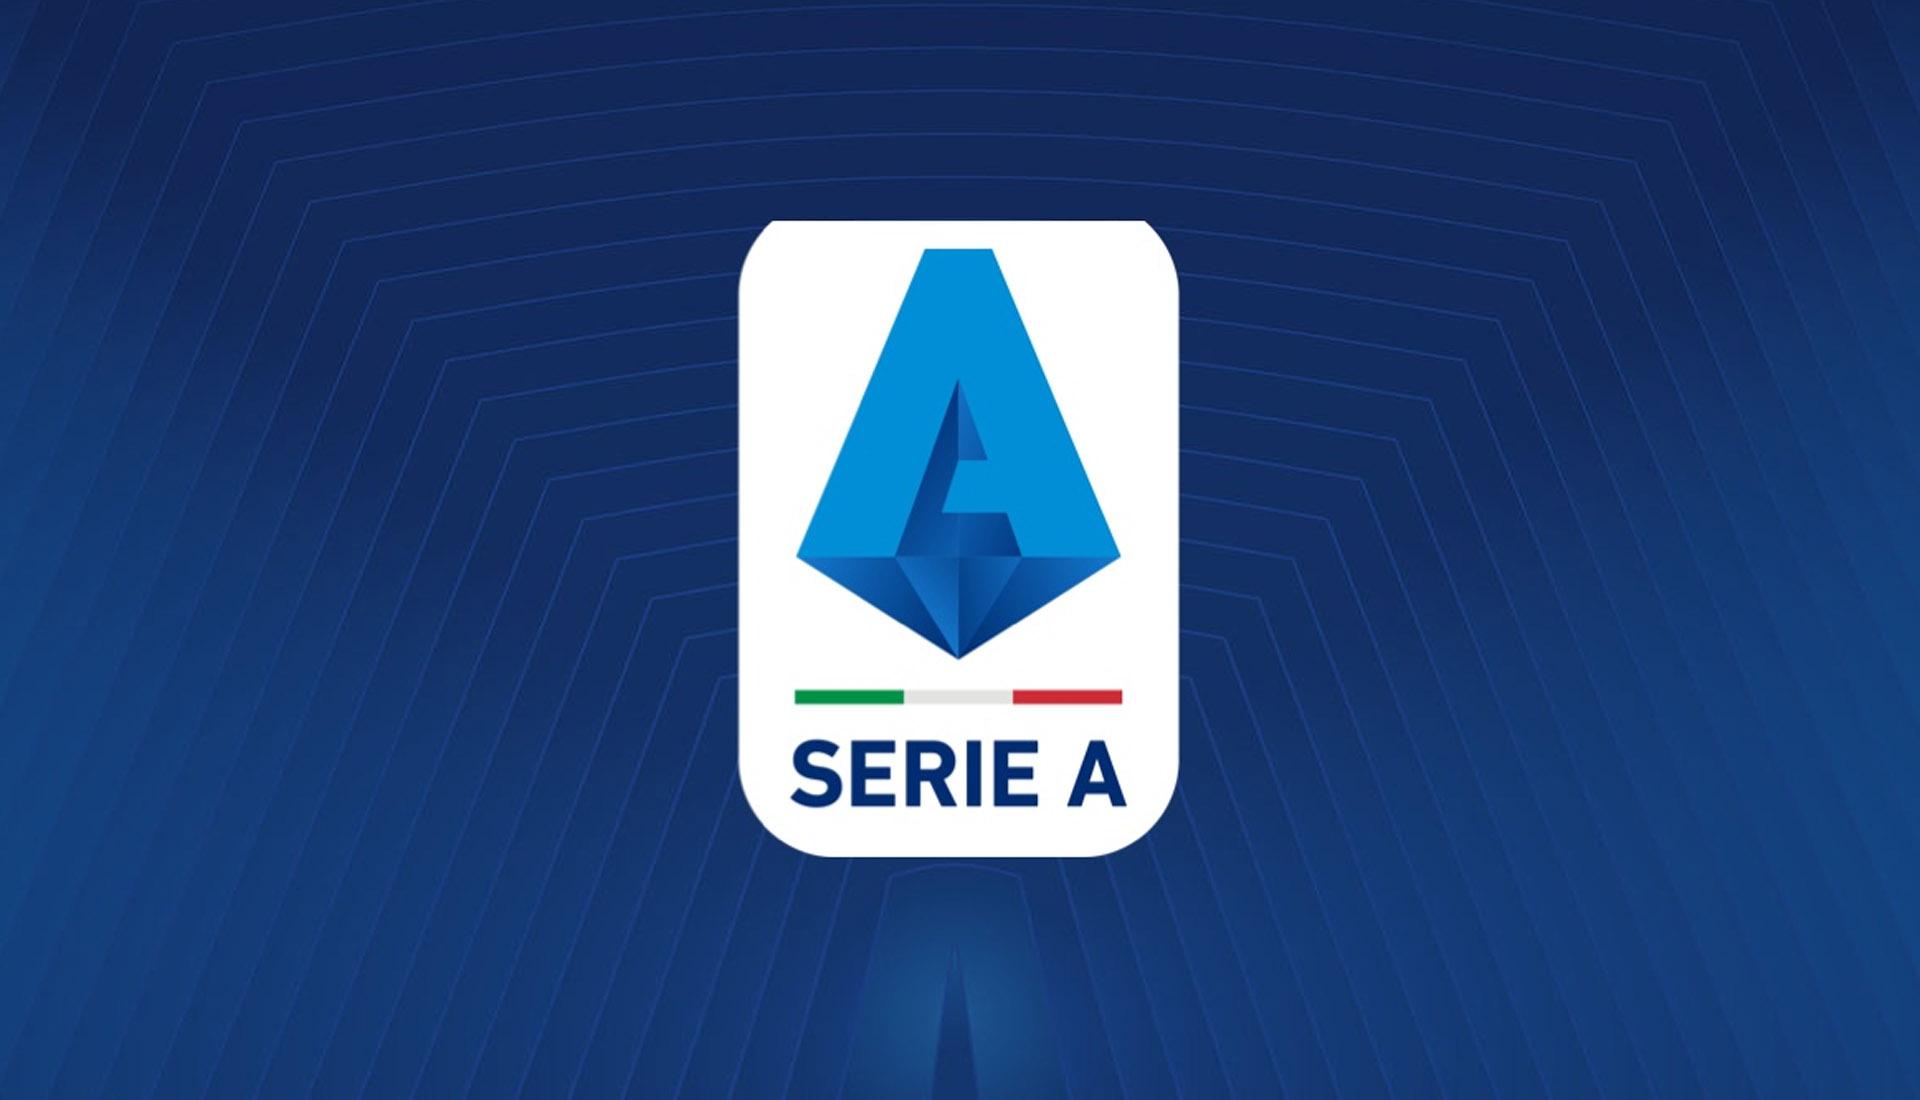 Serie A : Coca-Cola nouveau partenaire officiel du championnat